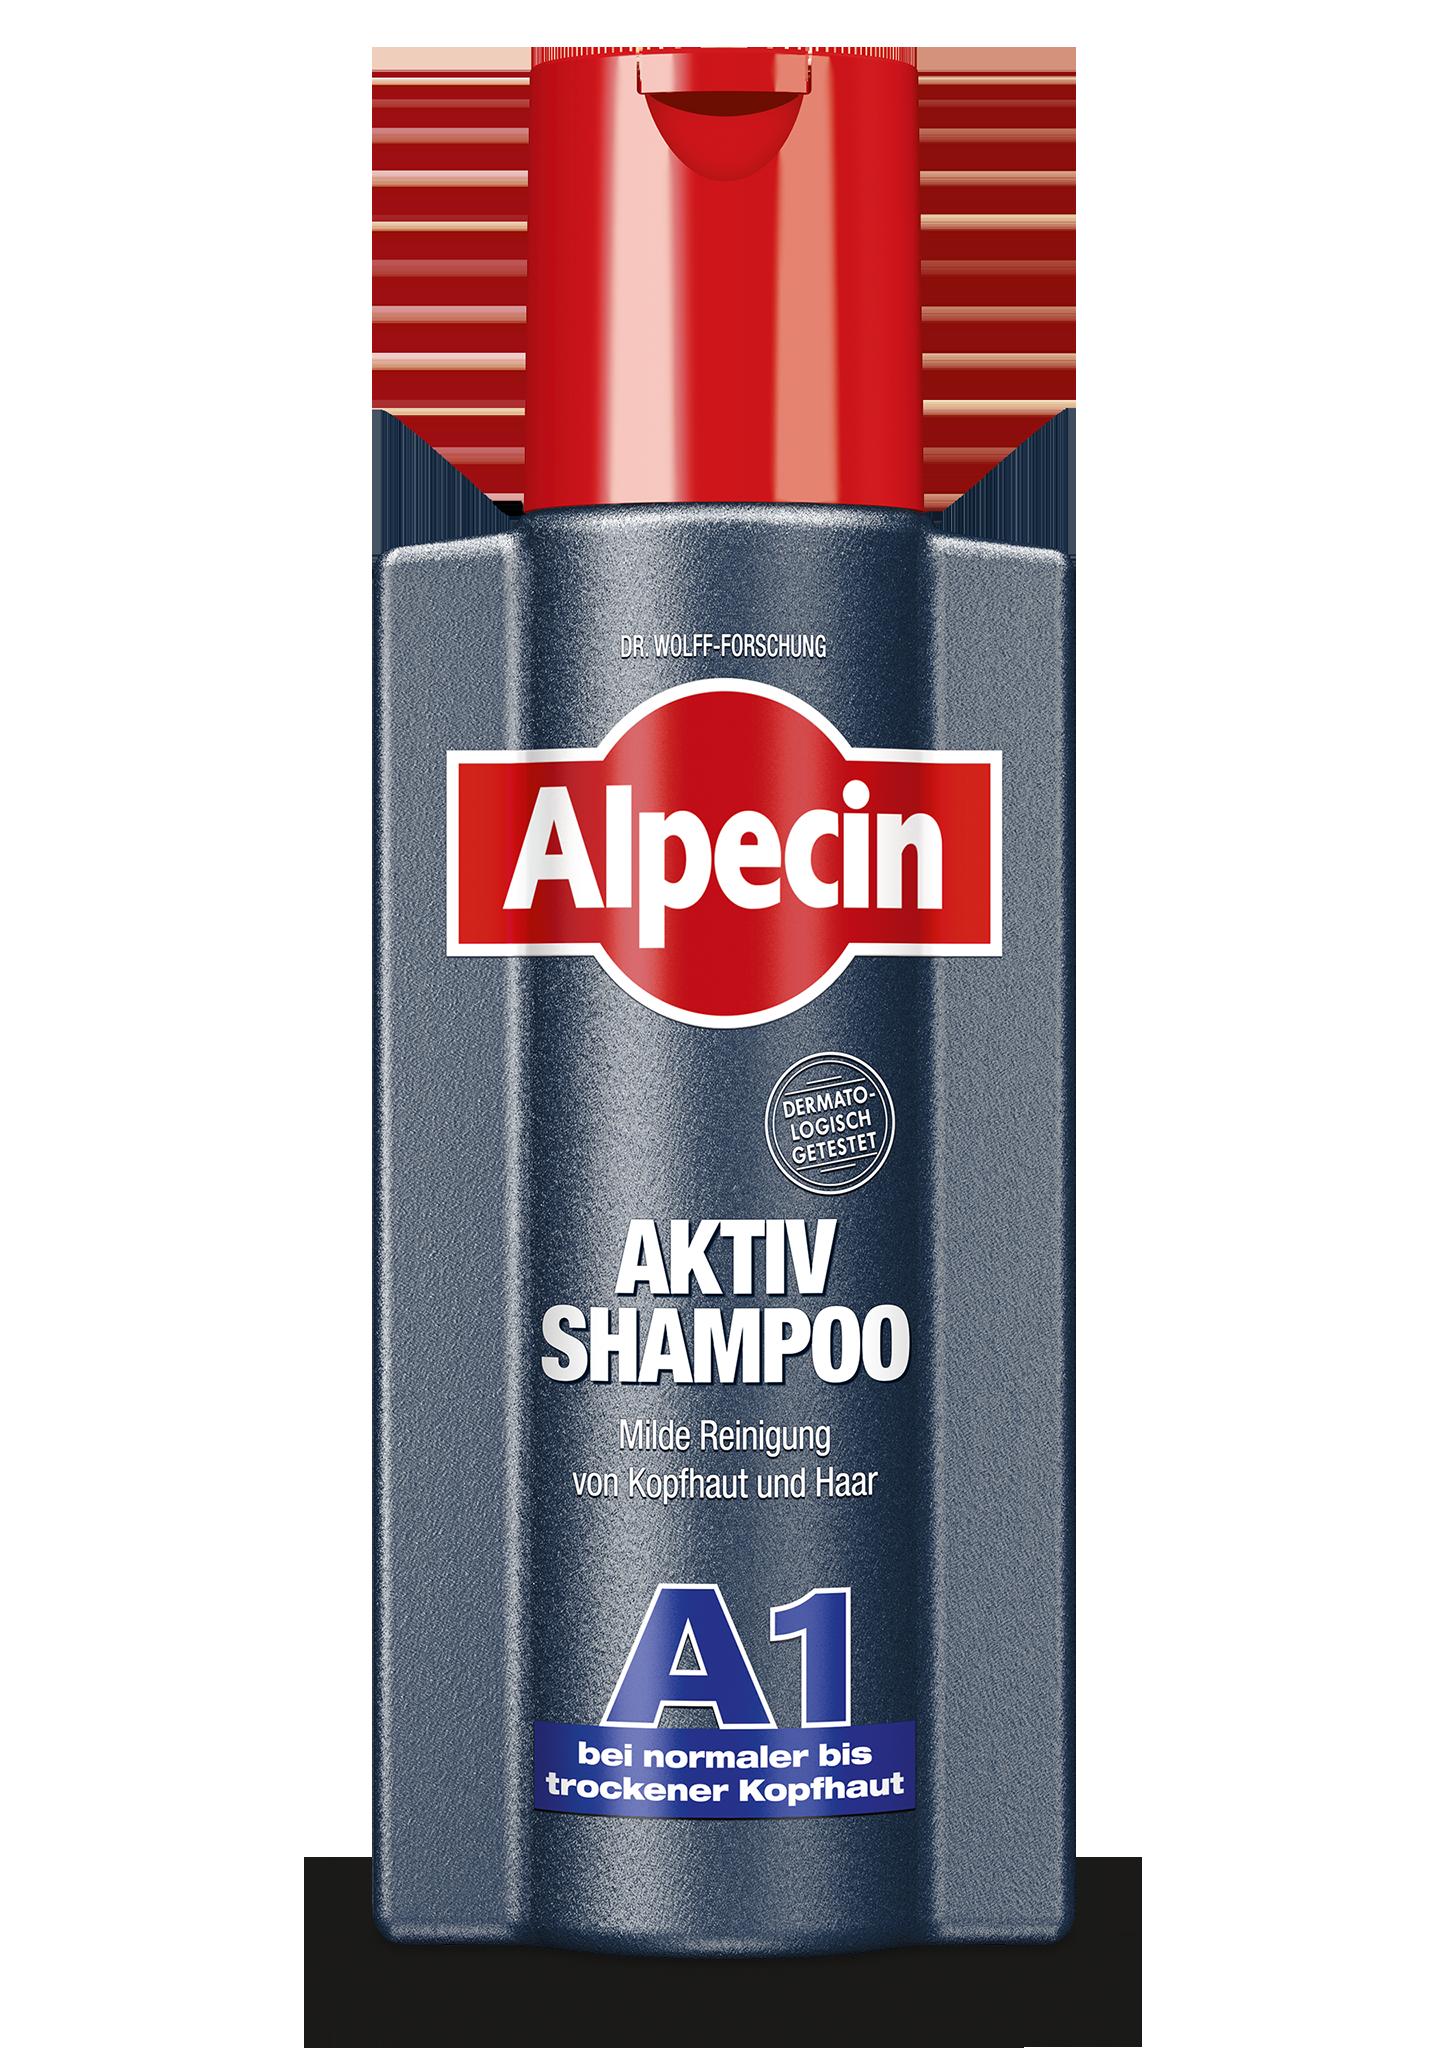 Alpecin Aktiv Shampoo A1 Für Normale Bis Trockene Kopfhaut